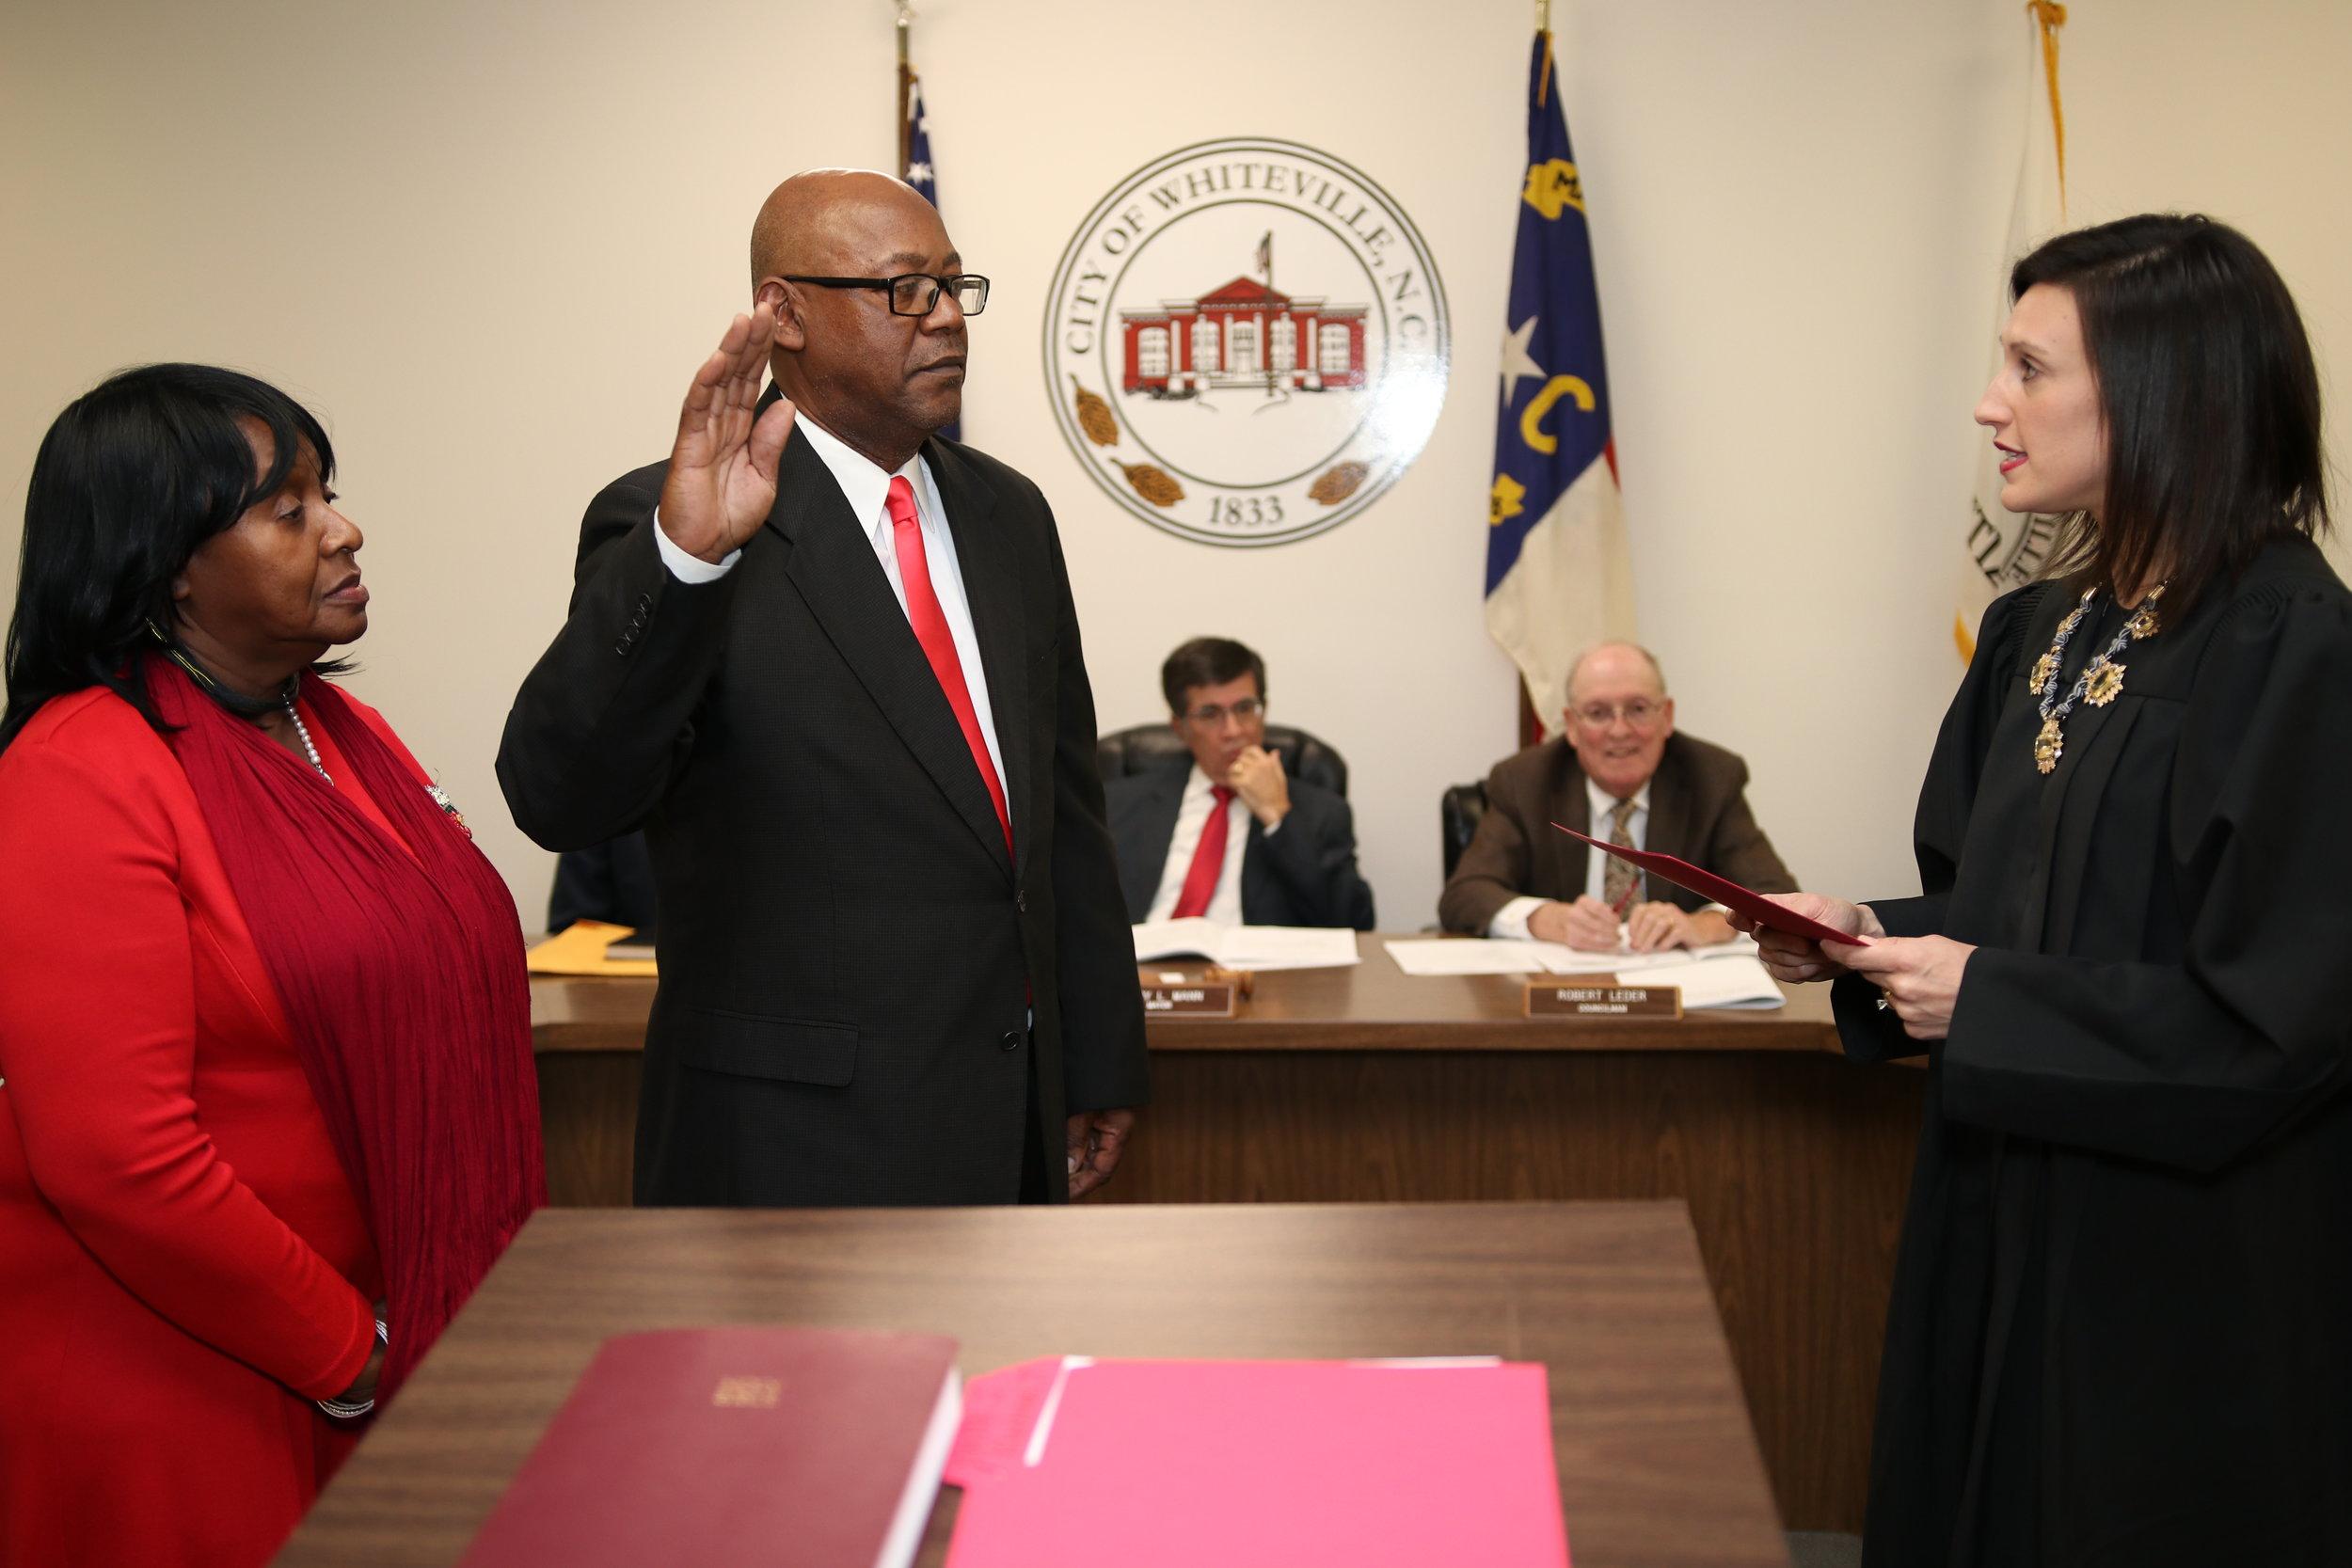 Tim Collier sworn in by judge Ashley Gore